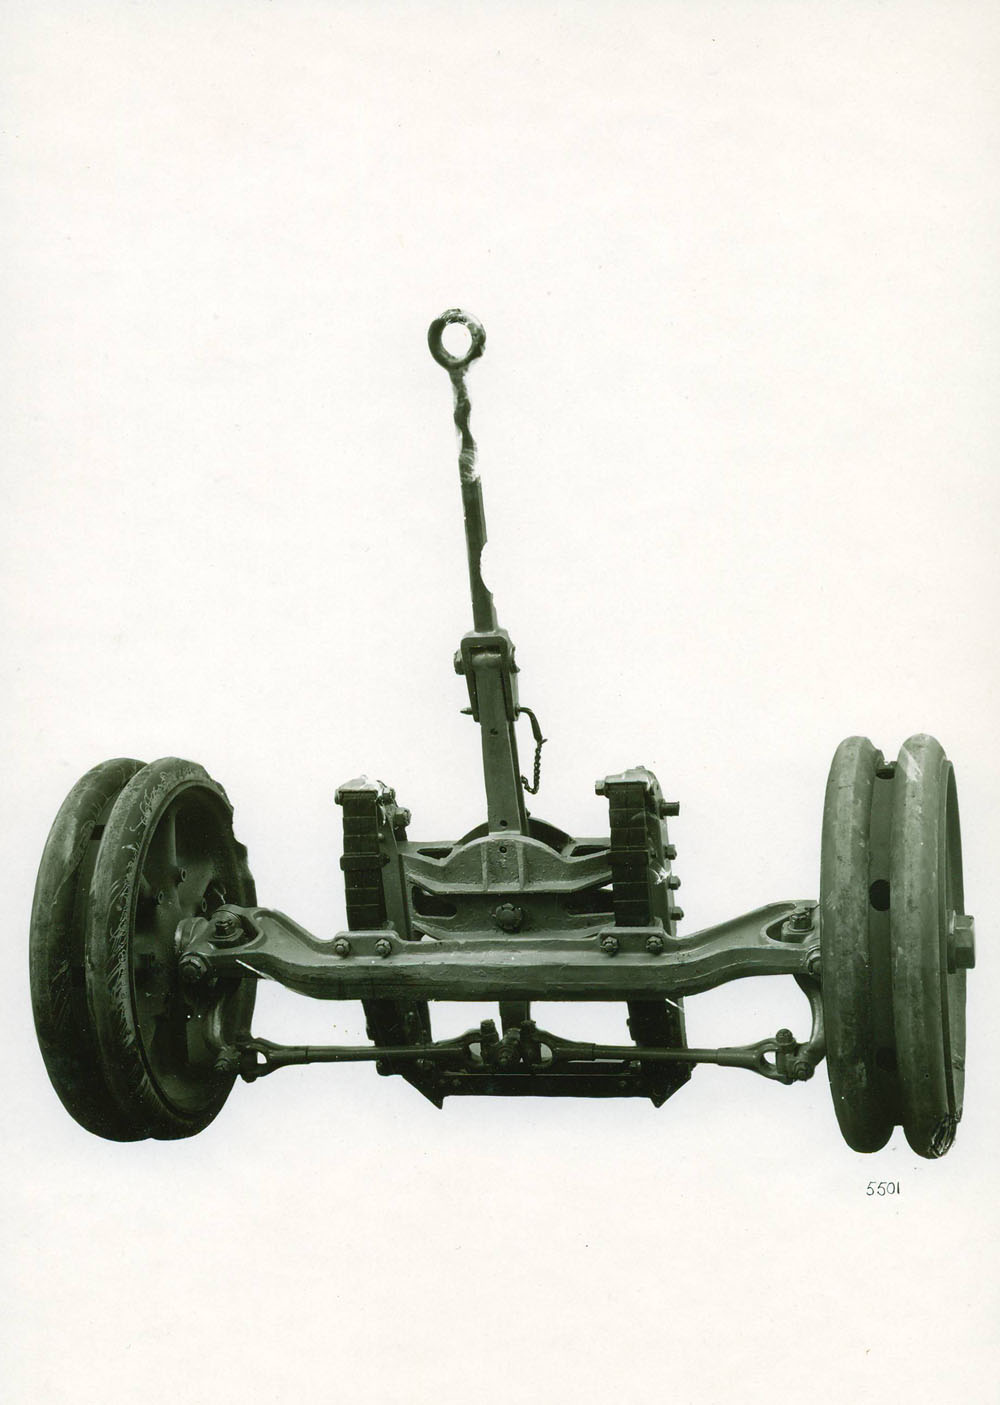 Avant-train de matériel 155 G.P.F. - 1917 © APR Droits réservés